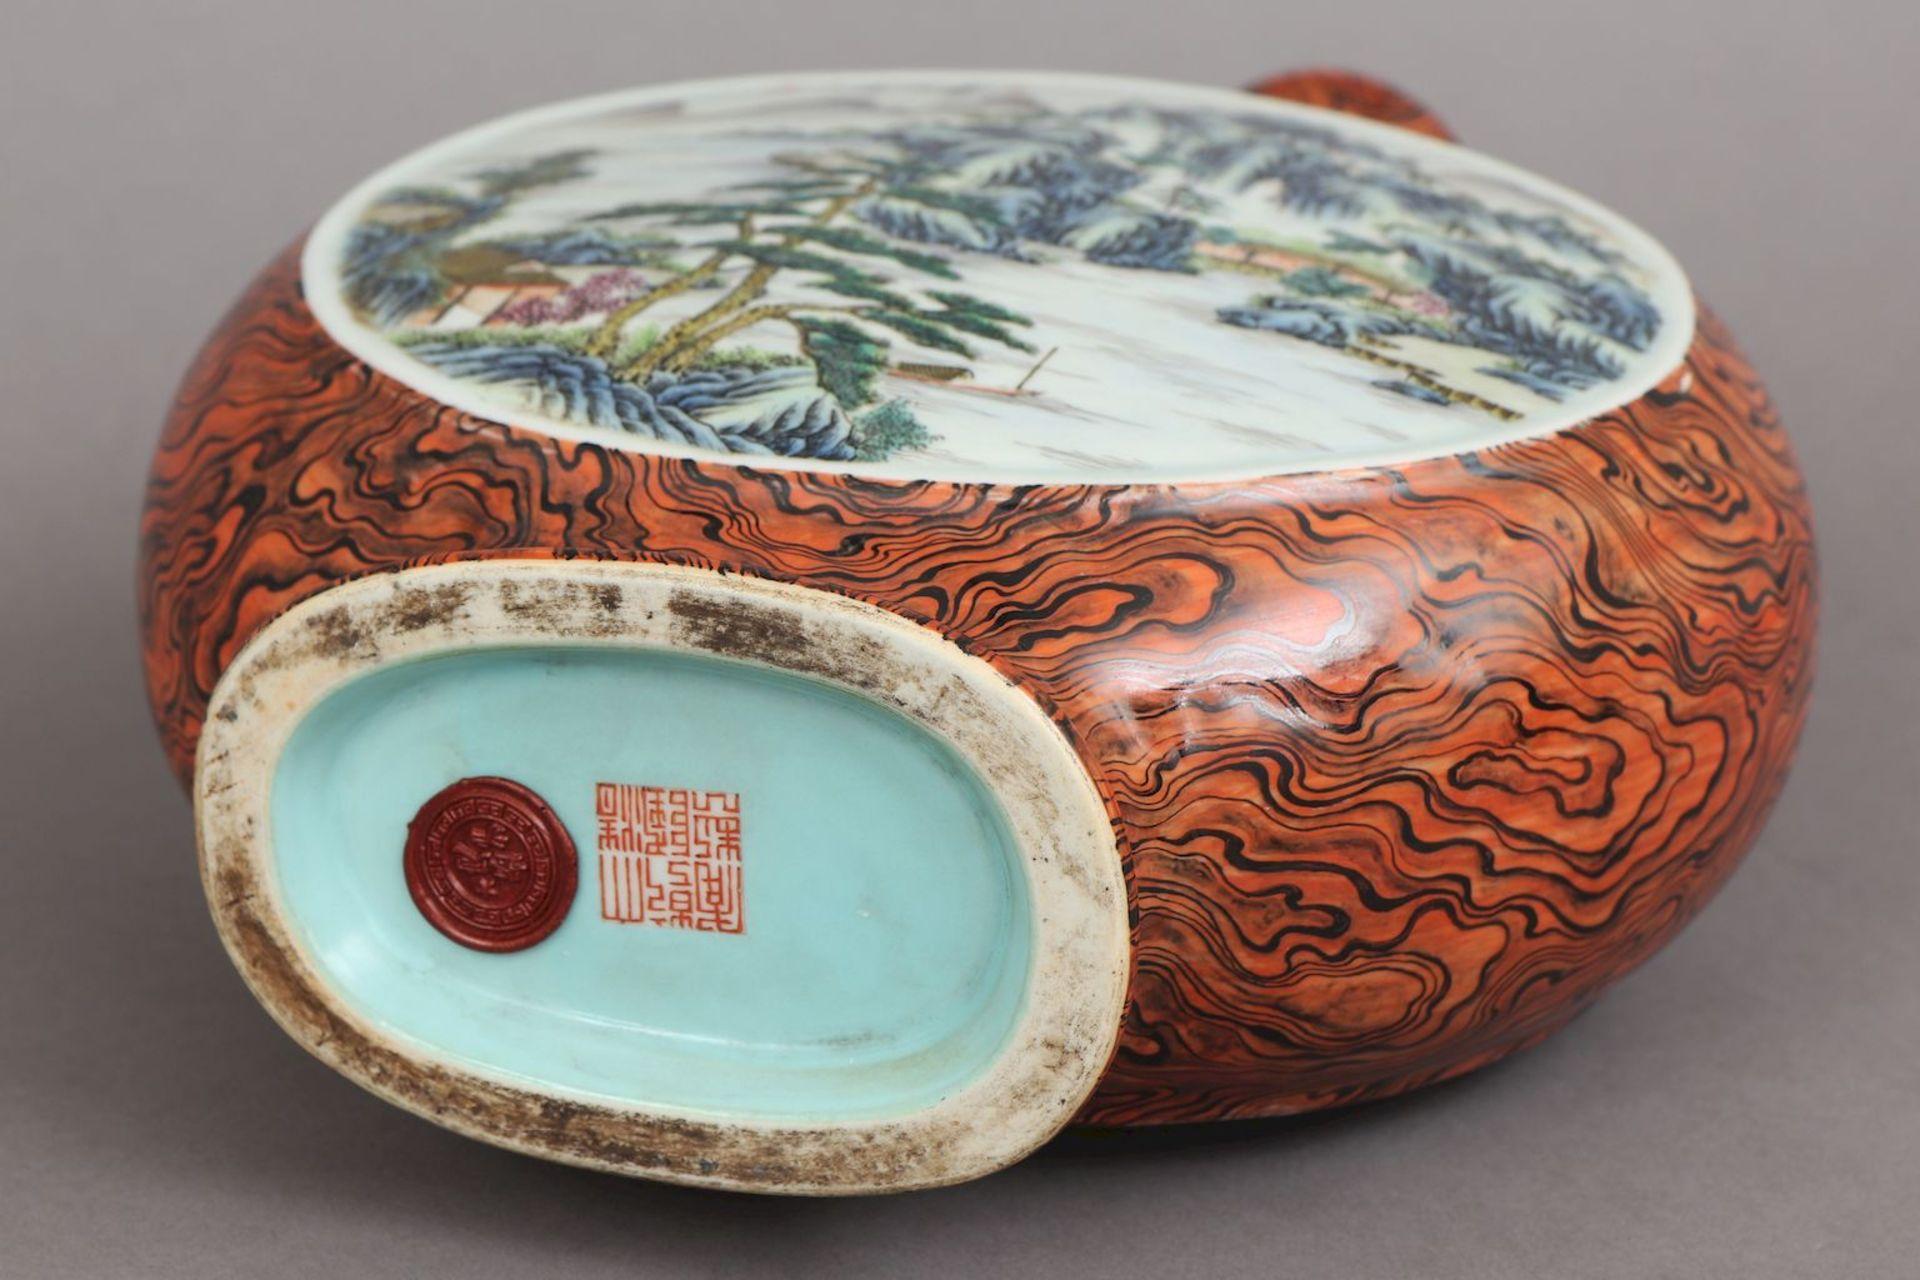 Chinesische Vase in Pilgerflaschen-Form - Image 5 of 5